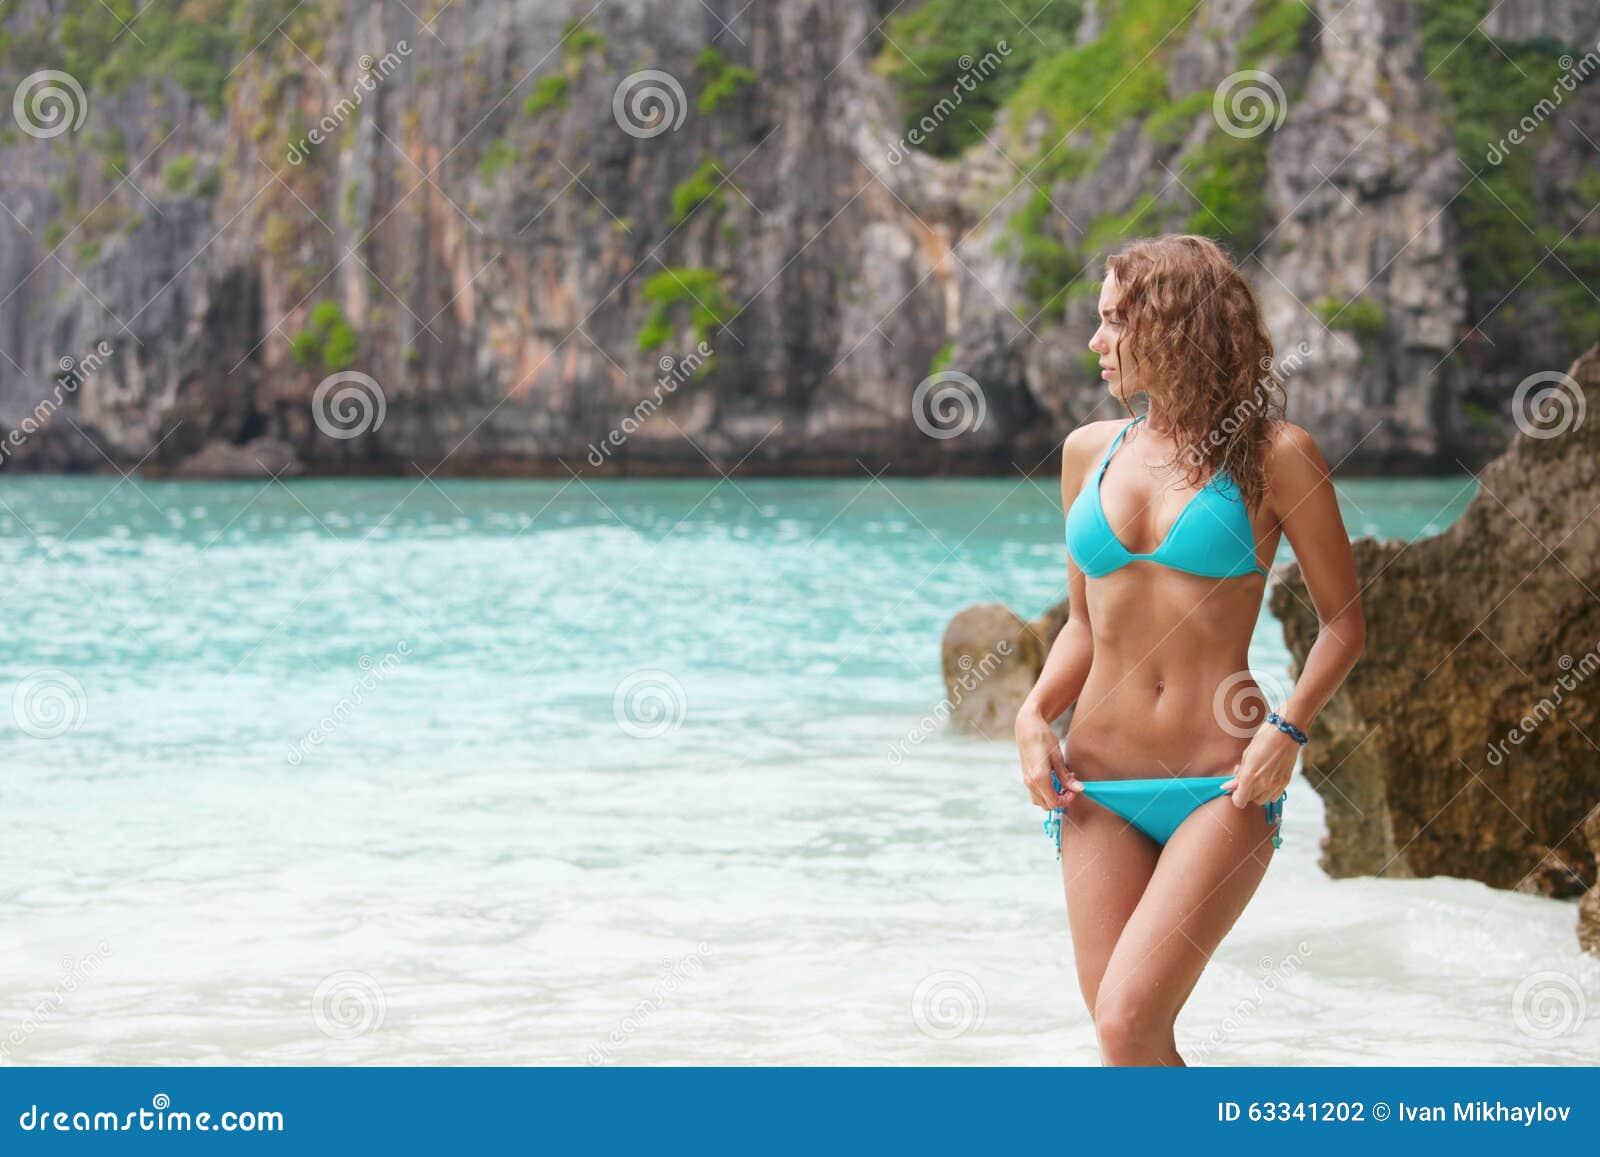 Mujer en bikiní en la playa